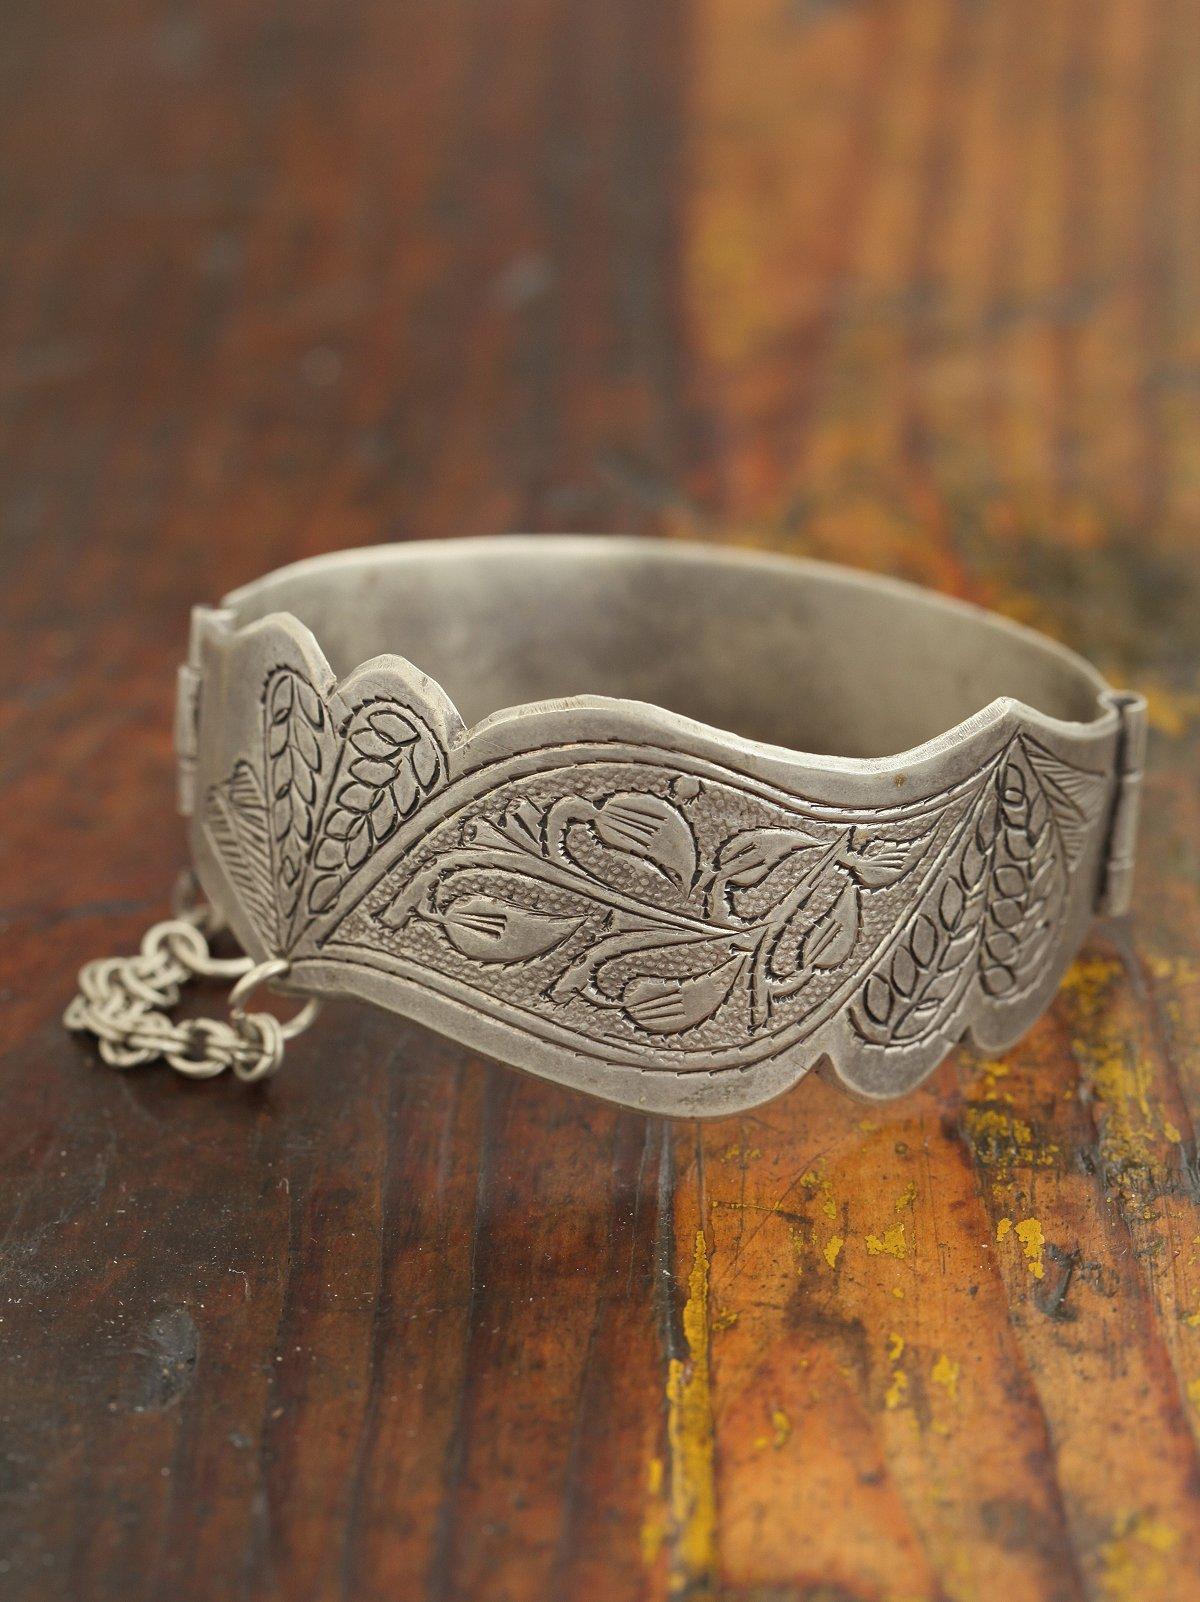 Vintage Etched Metal Cuff Bracelet